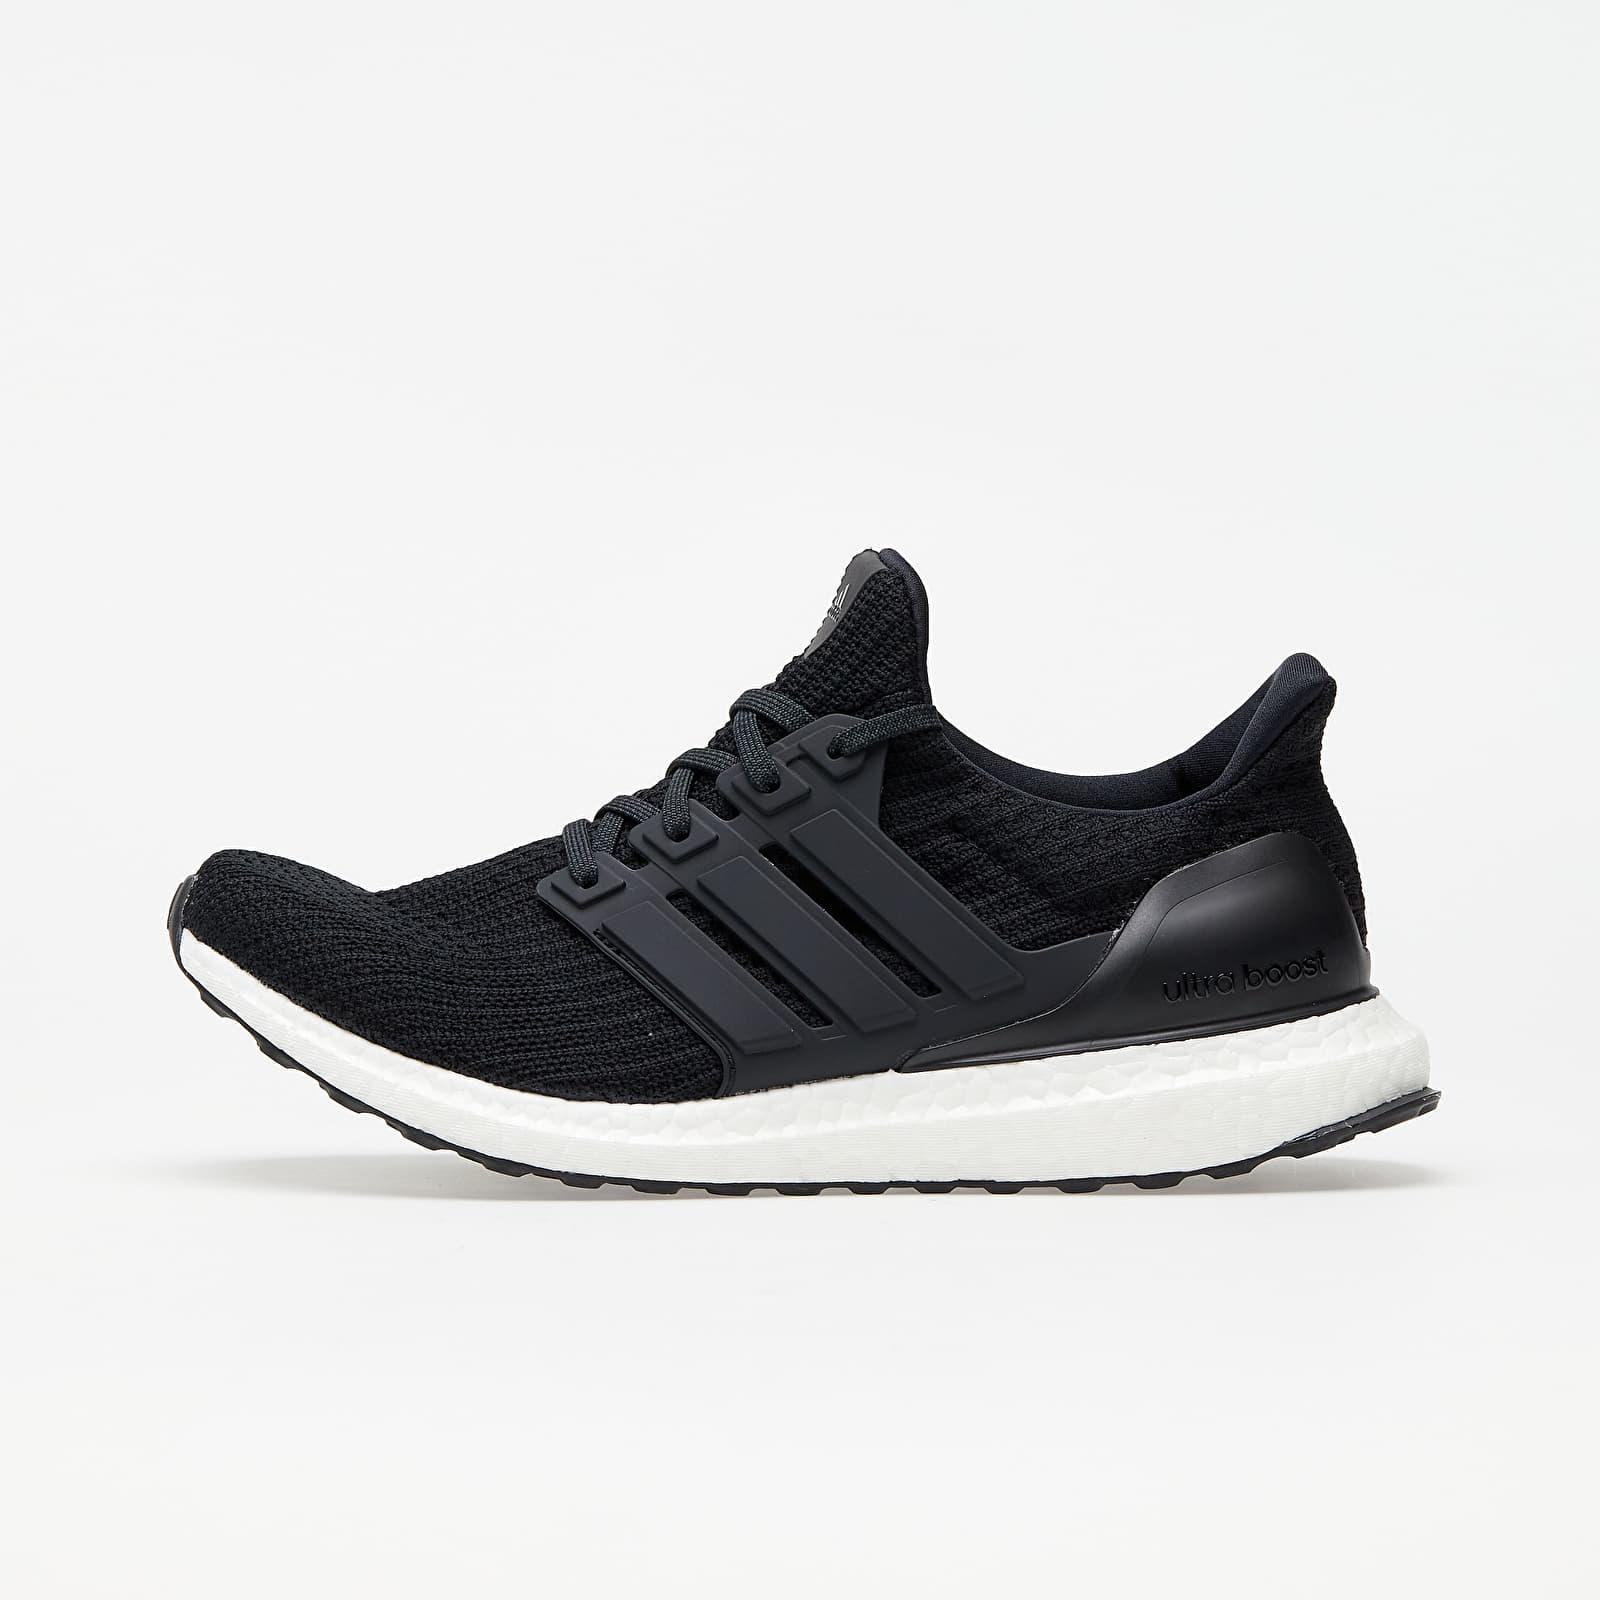 Pánske tenisky a topánky adidas Ultraboost Core Black/ Core Black/ Core Black